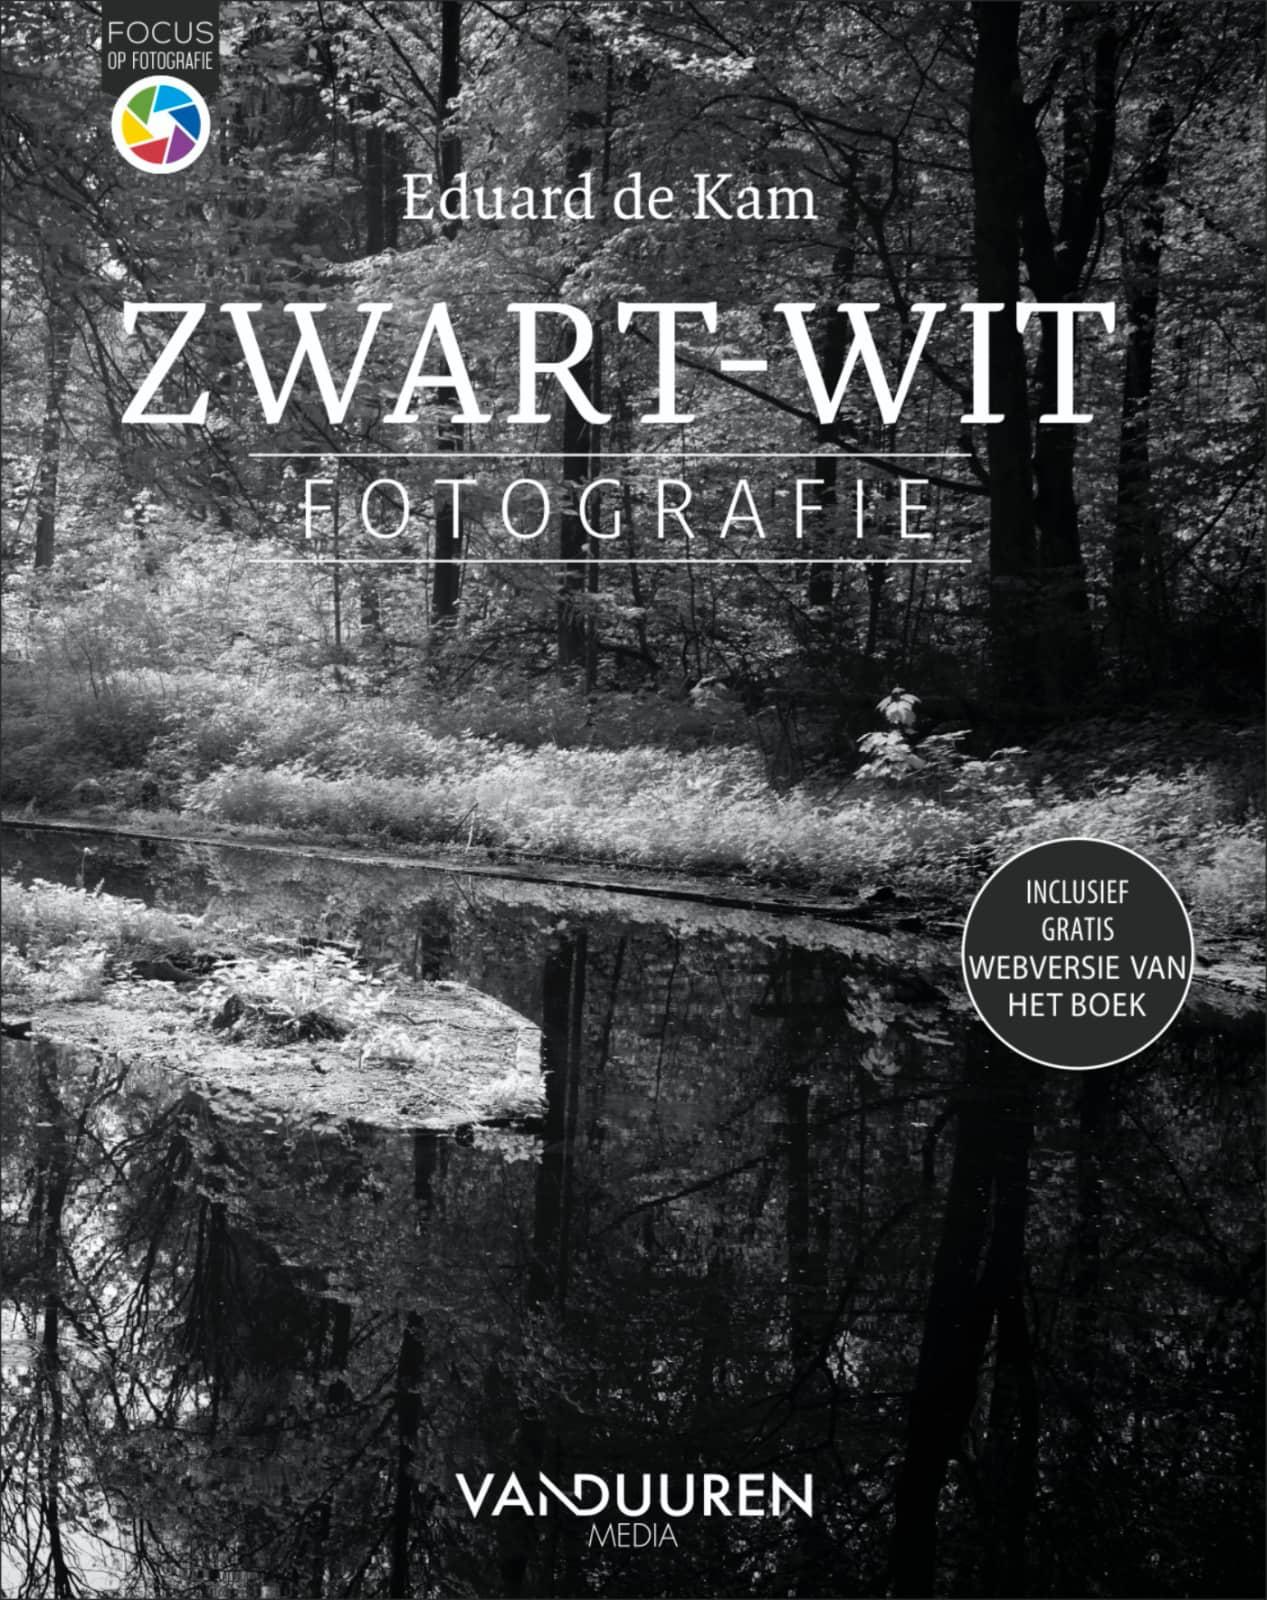 Focus op Fotografie: Zwart-witfotografie, 2e editie - Eduard de Kam, isbn 9789463561709